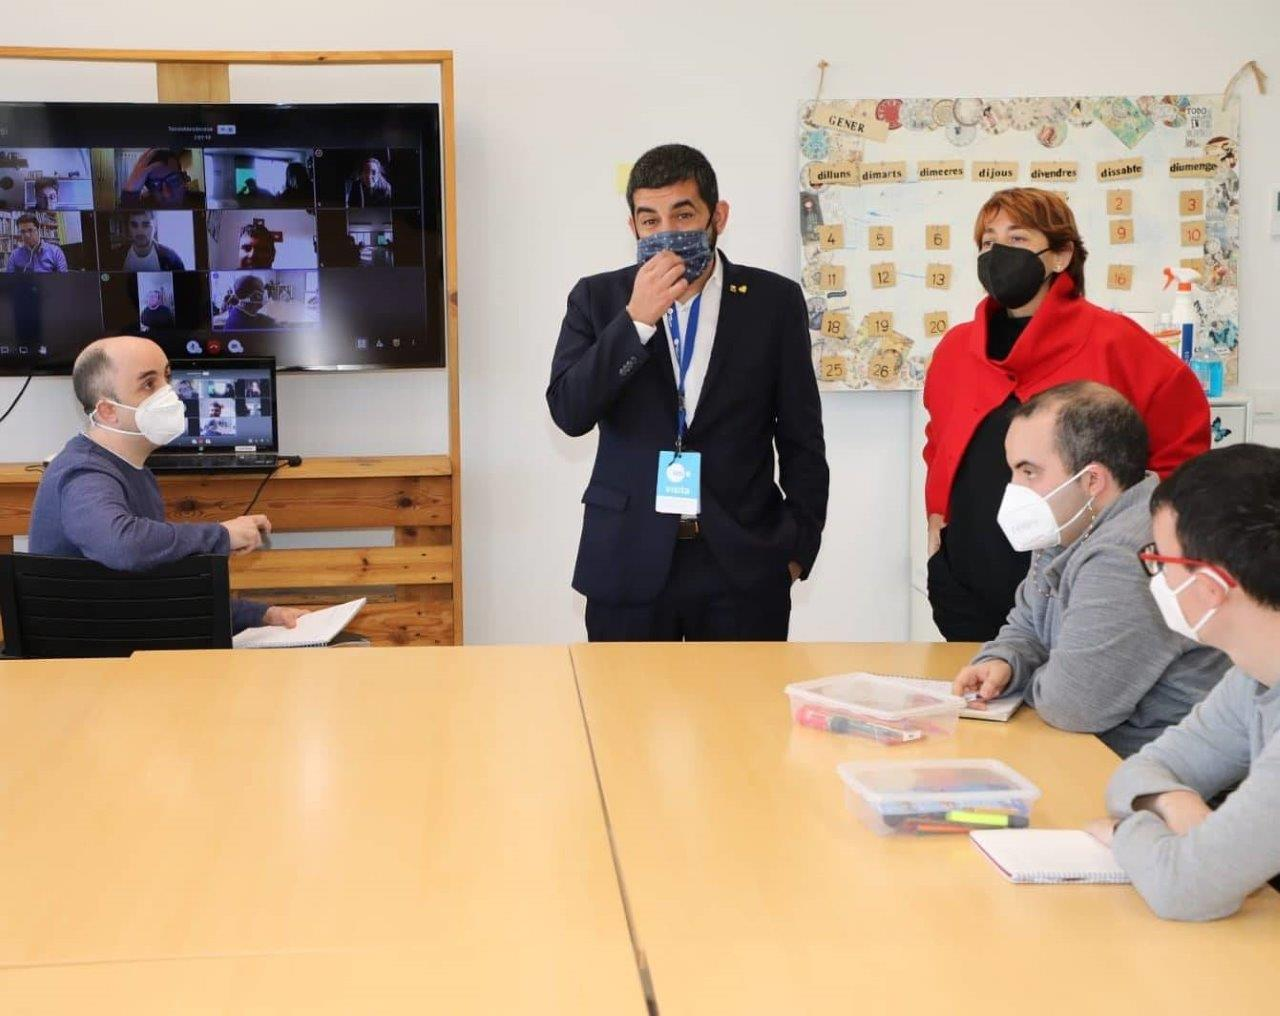 El conseller Chakir El Homrani parla amb l'equpi del TEB Vist per videoconferència